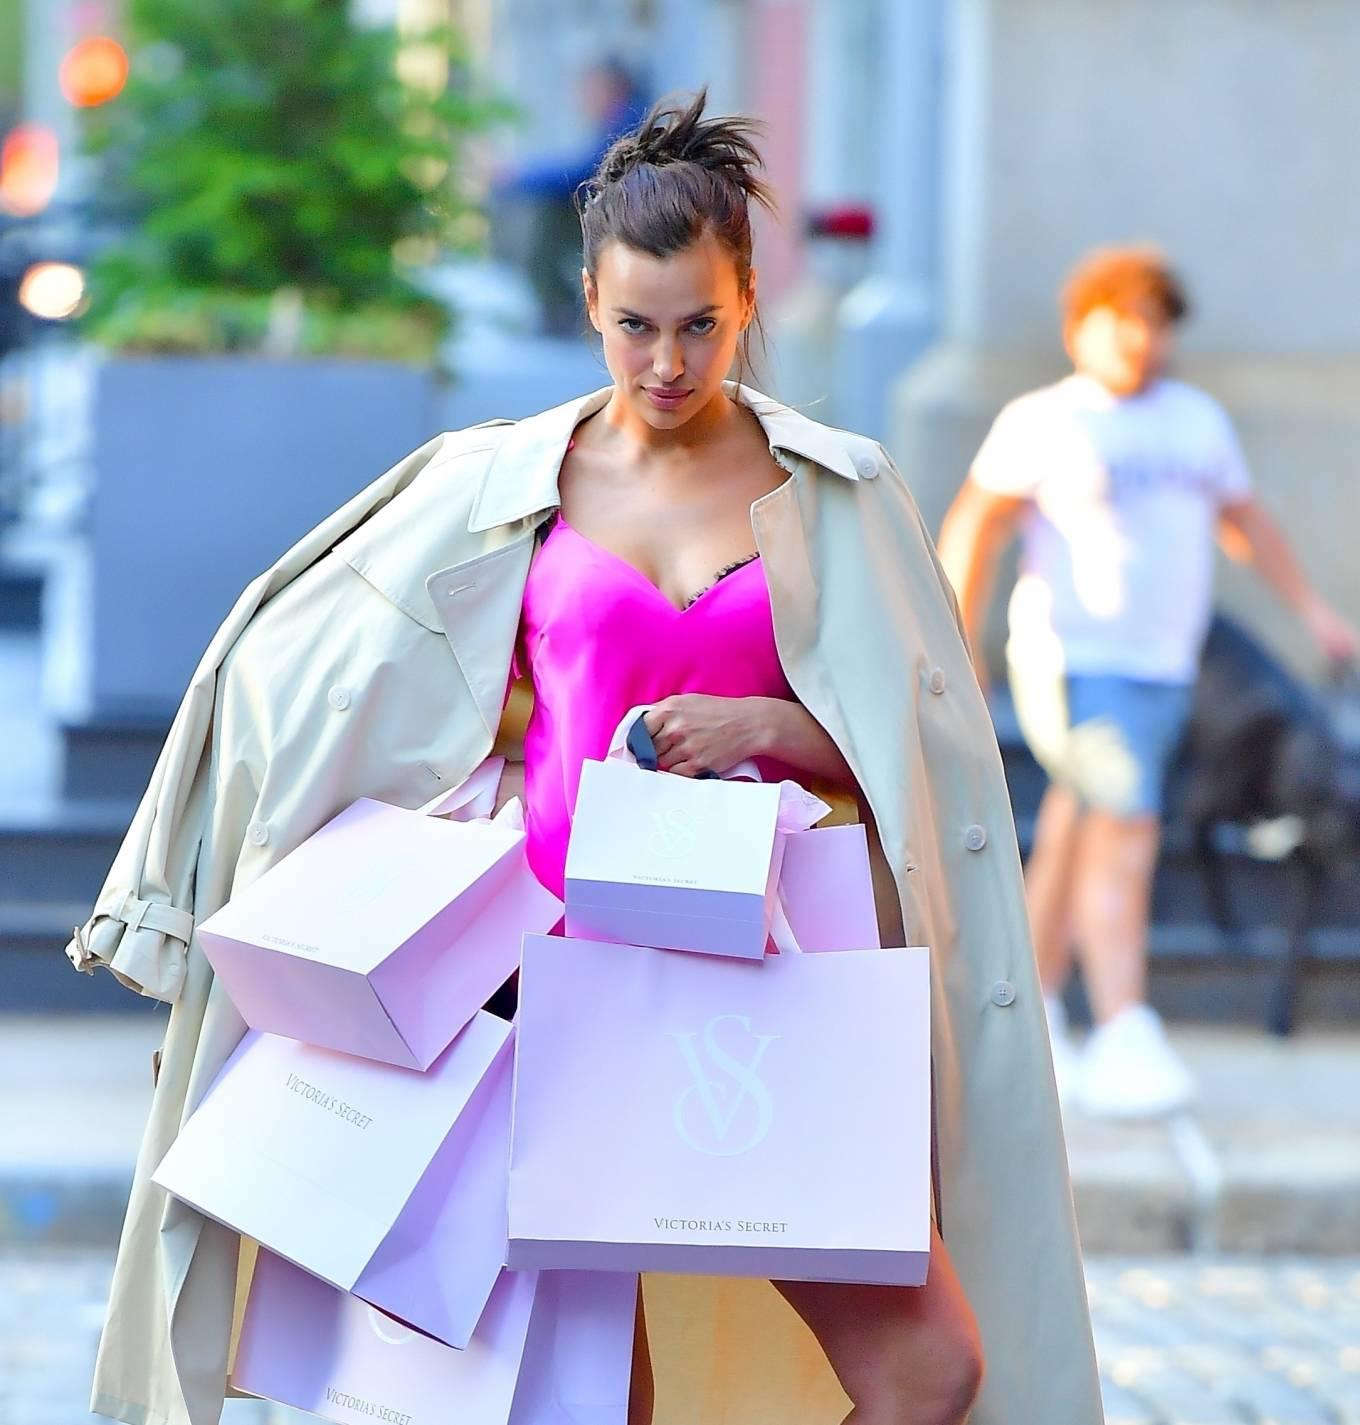 Irina Shayk 2021 : Irina Shayk – Victorias Secret photoshoot in New York-04